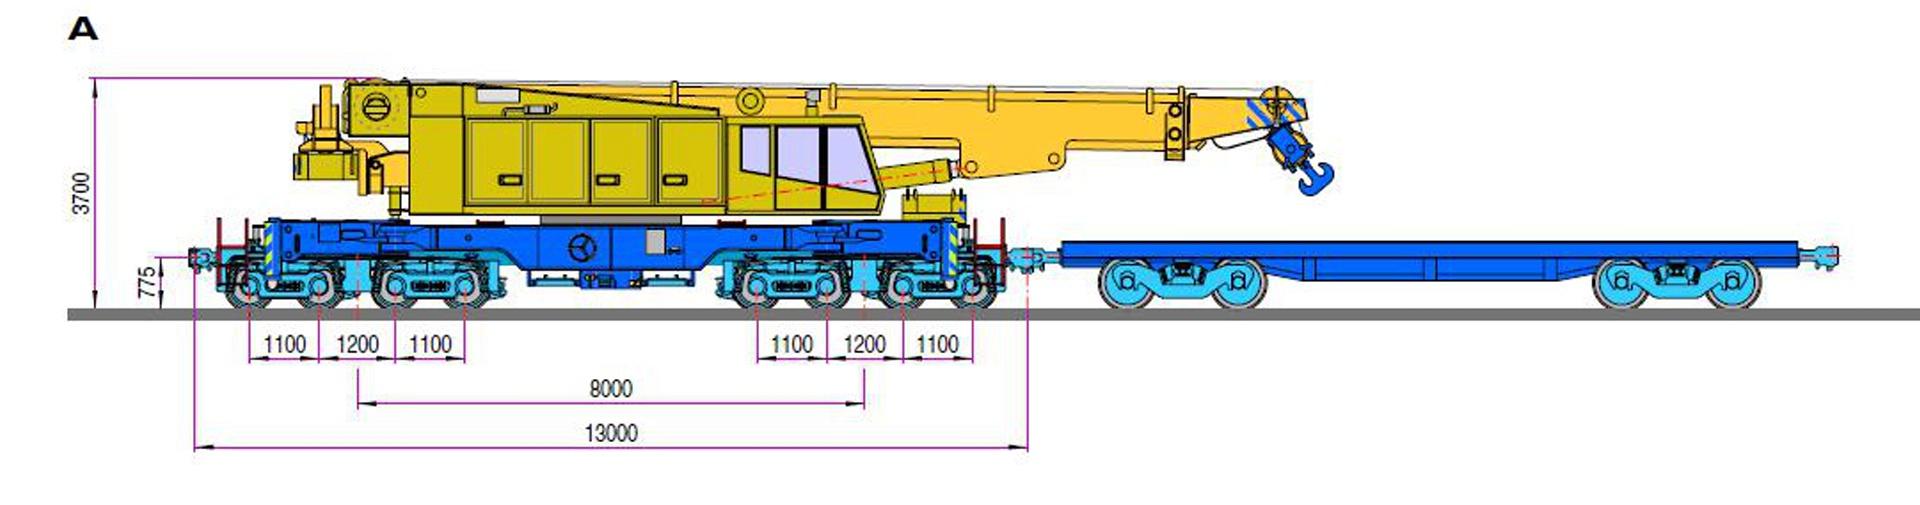 Gambar Teknis Kirow KRC 800N │ Sumber : PT KAI